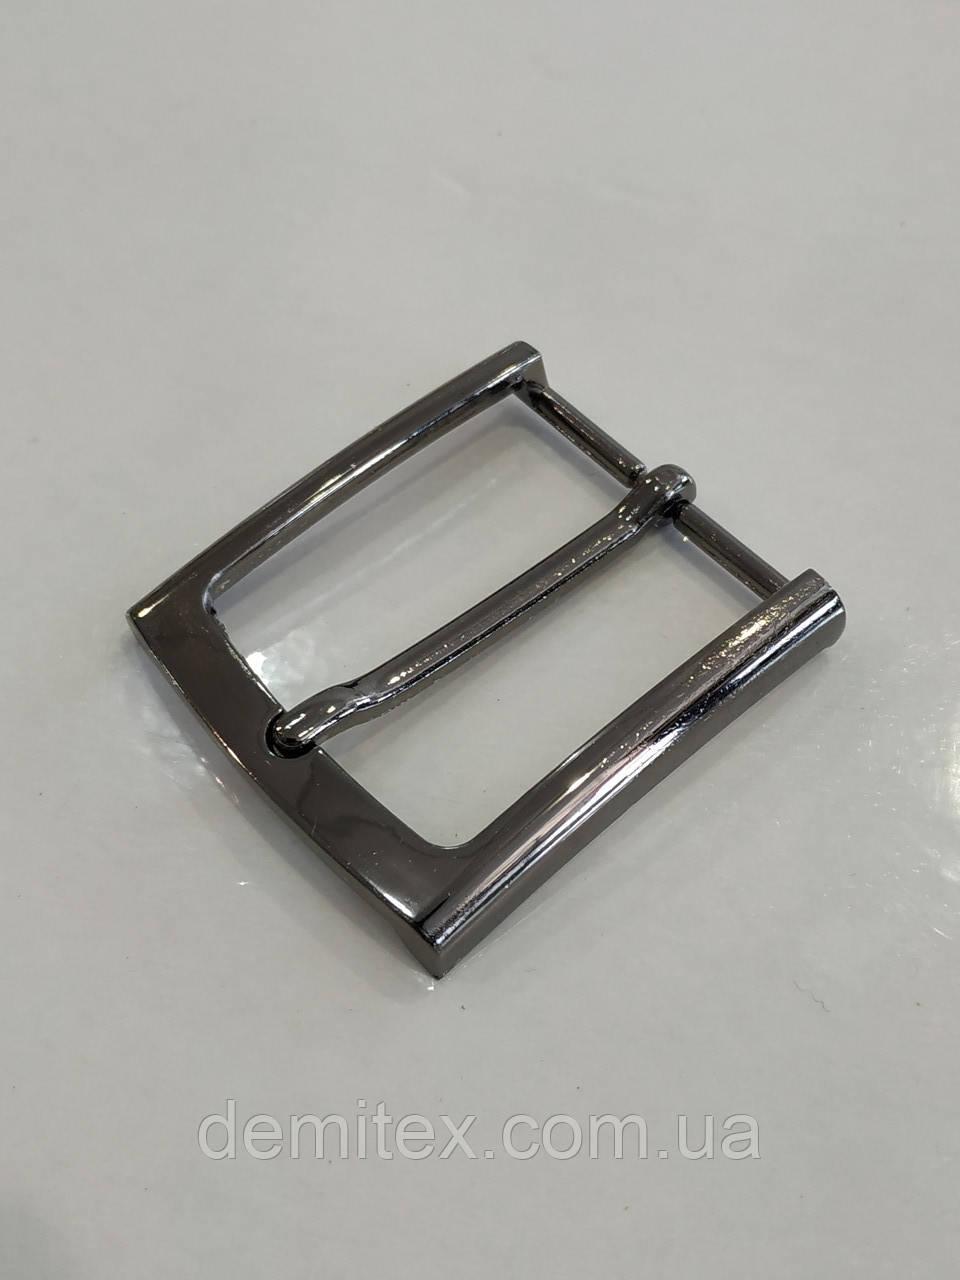 Ременная пряжка 35 мм черный никель